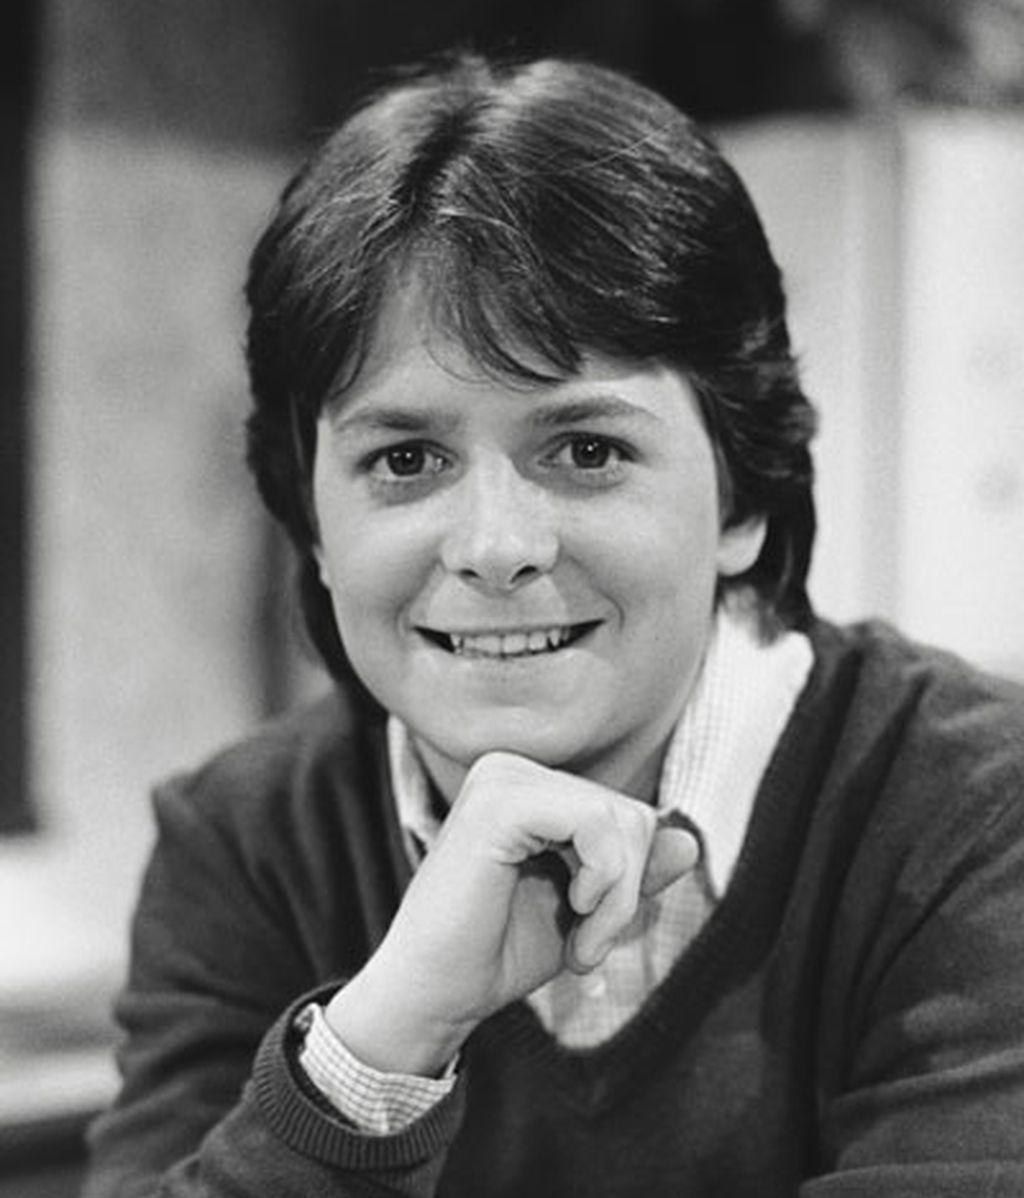 Michael J. Fox (1982)